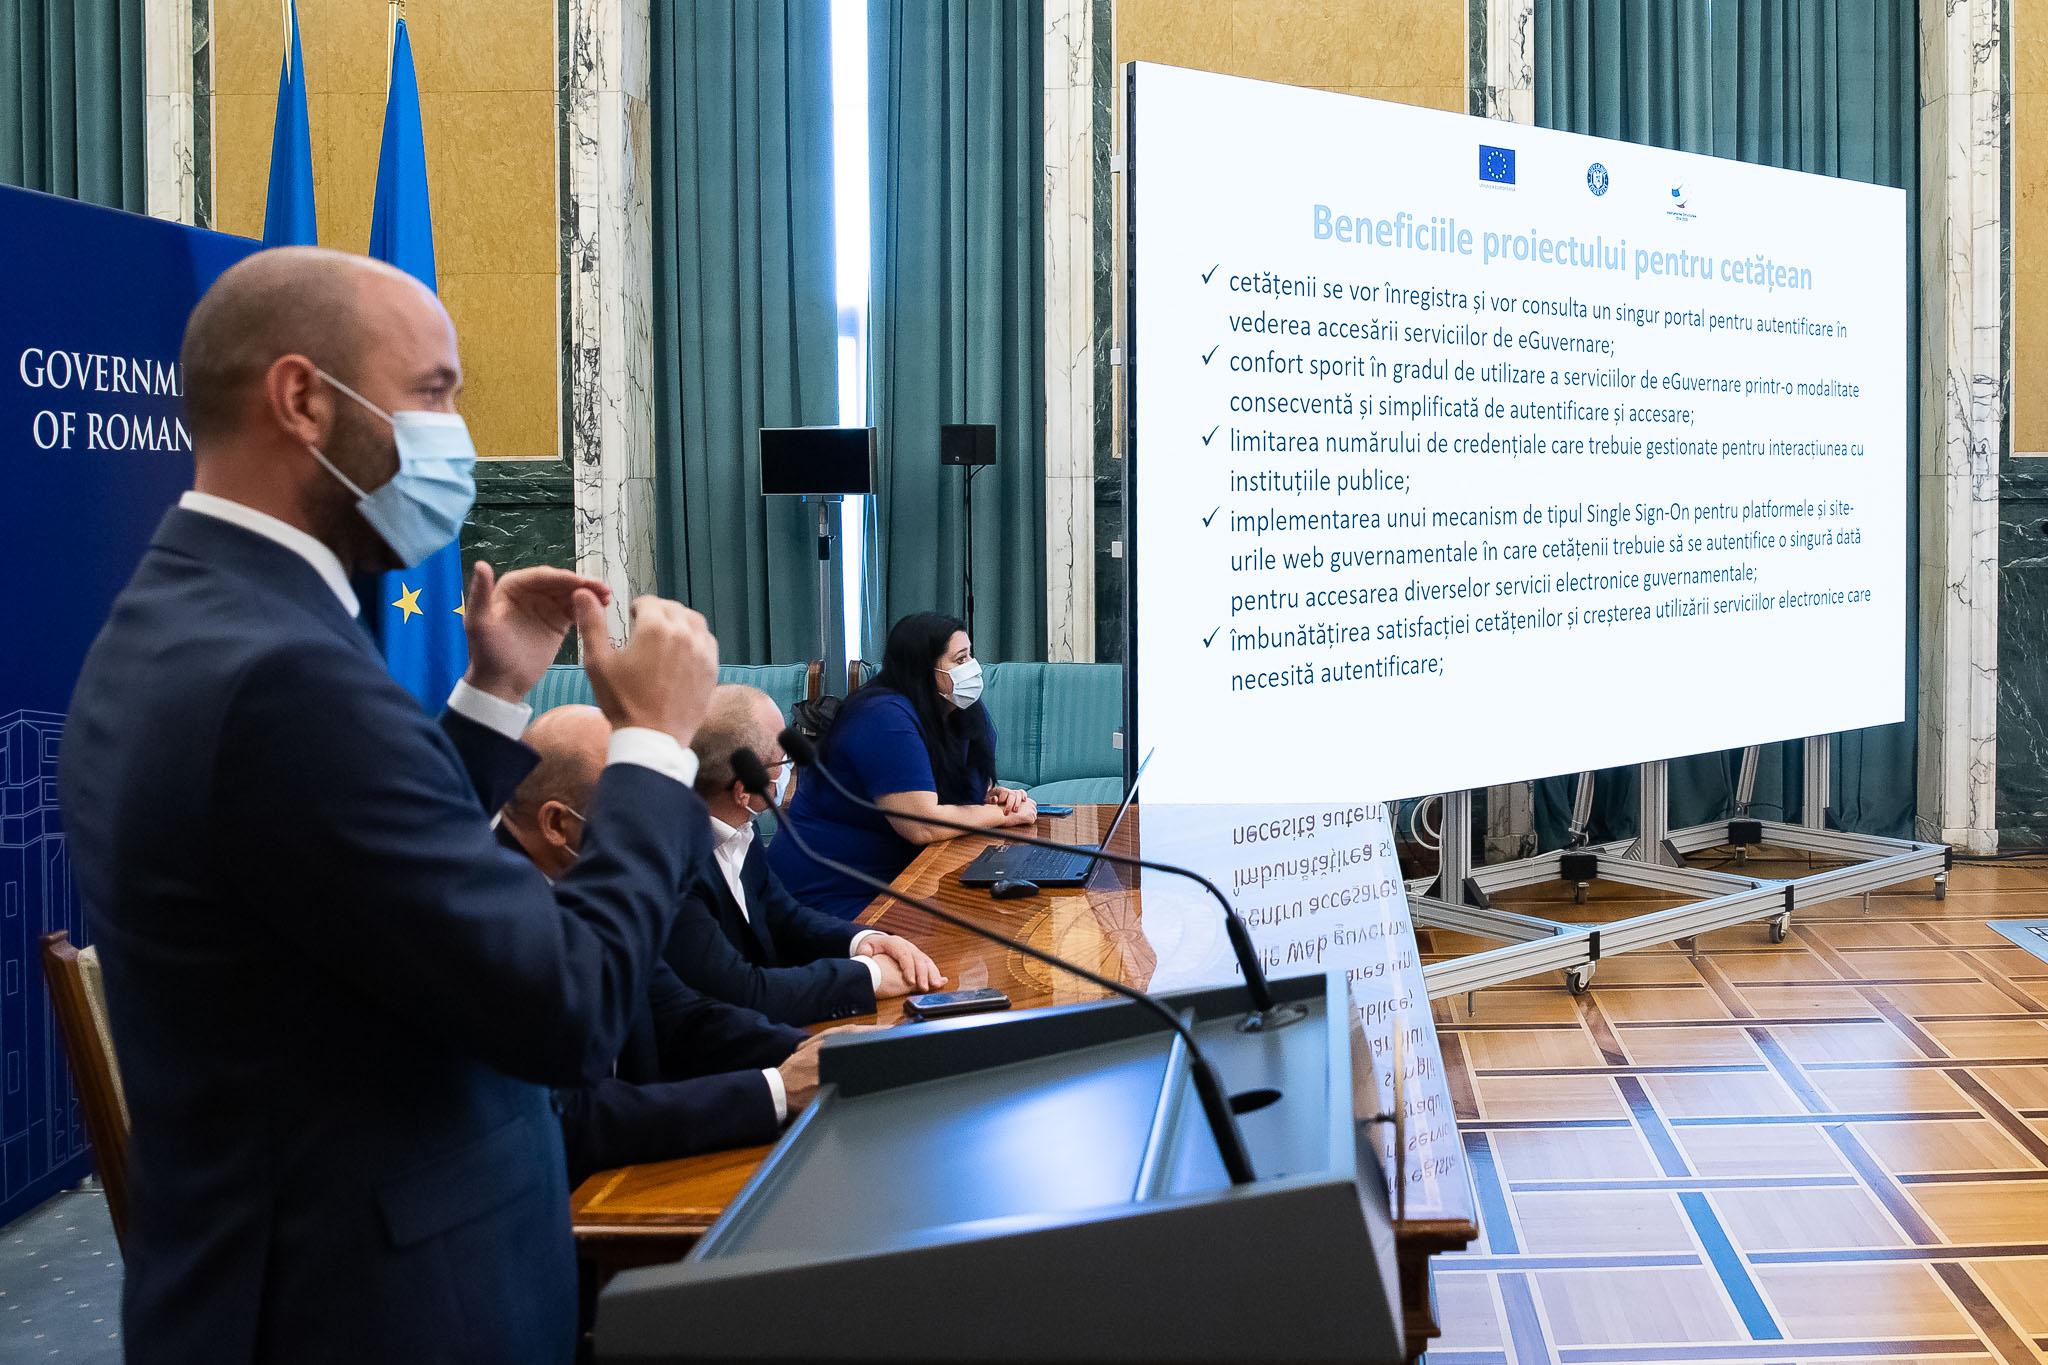 Toate serviciile publice de eGuvernare vor putea fi accesate prin identitatea digitală centralizată